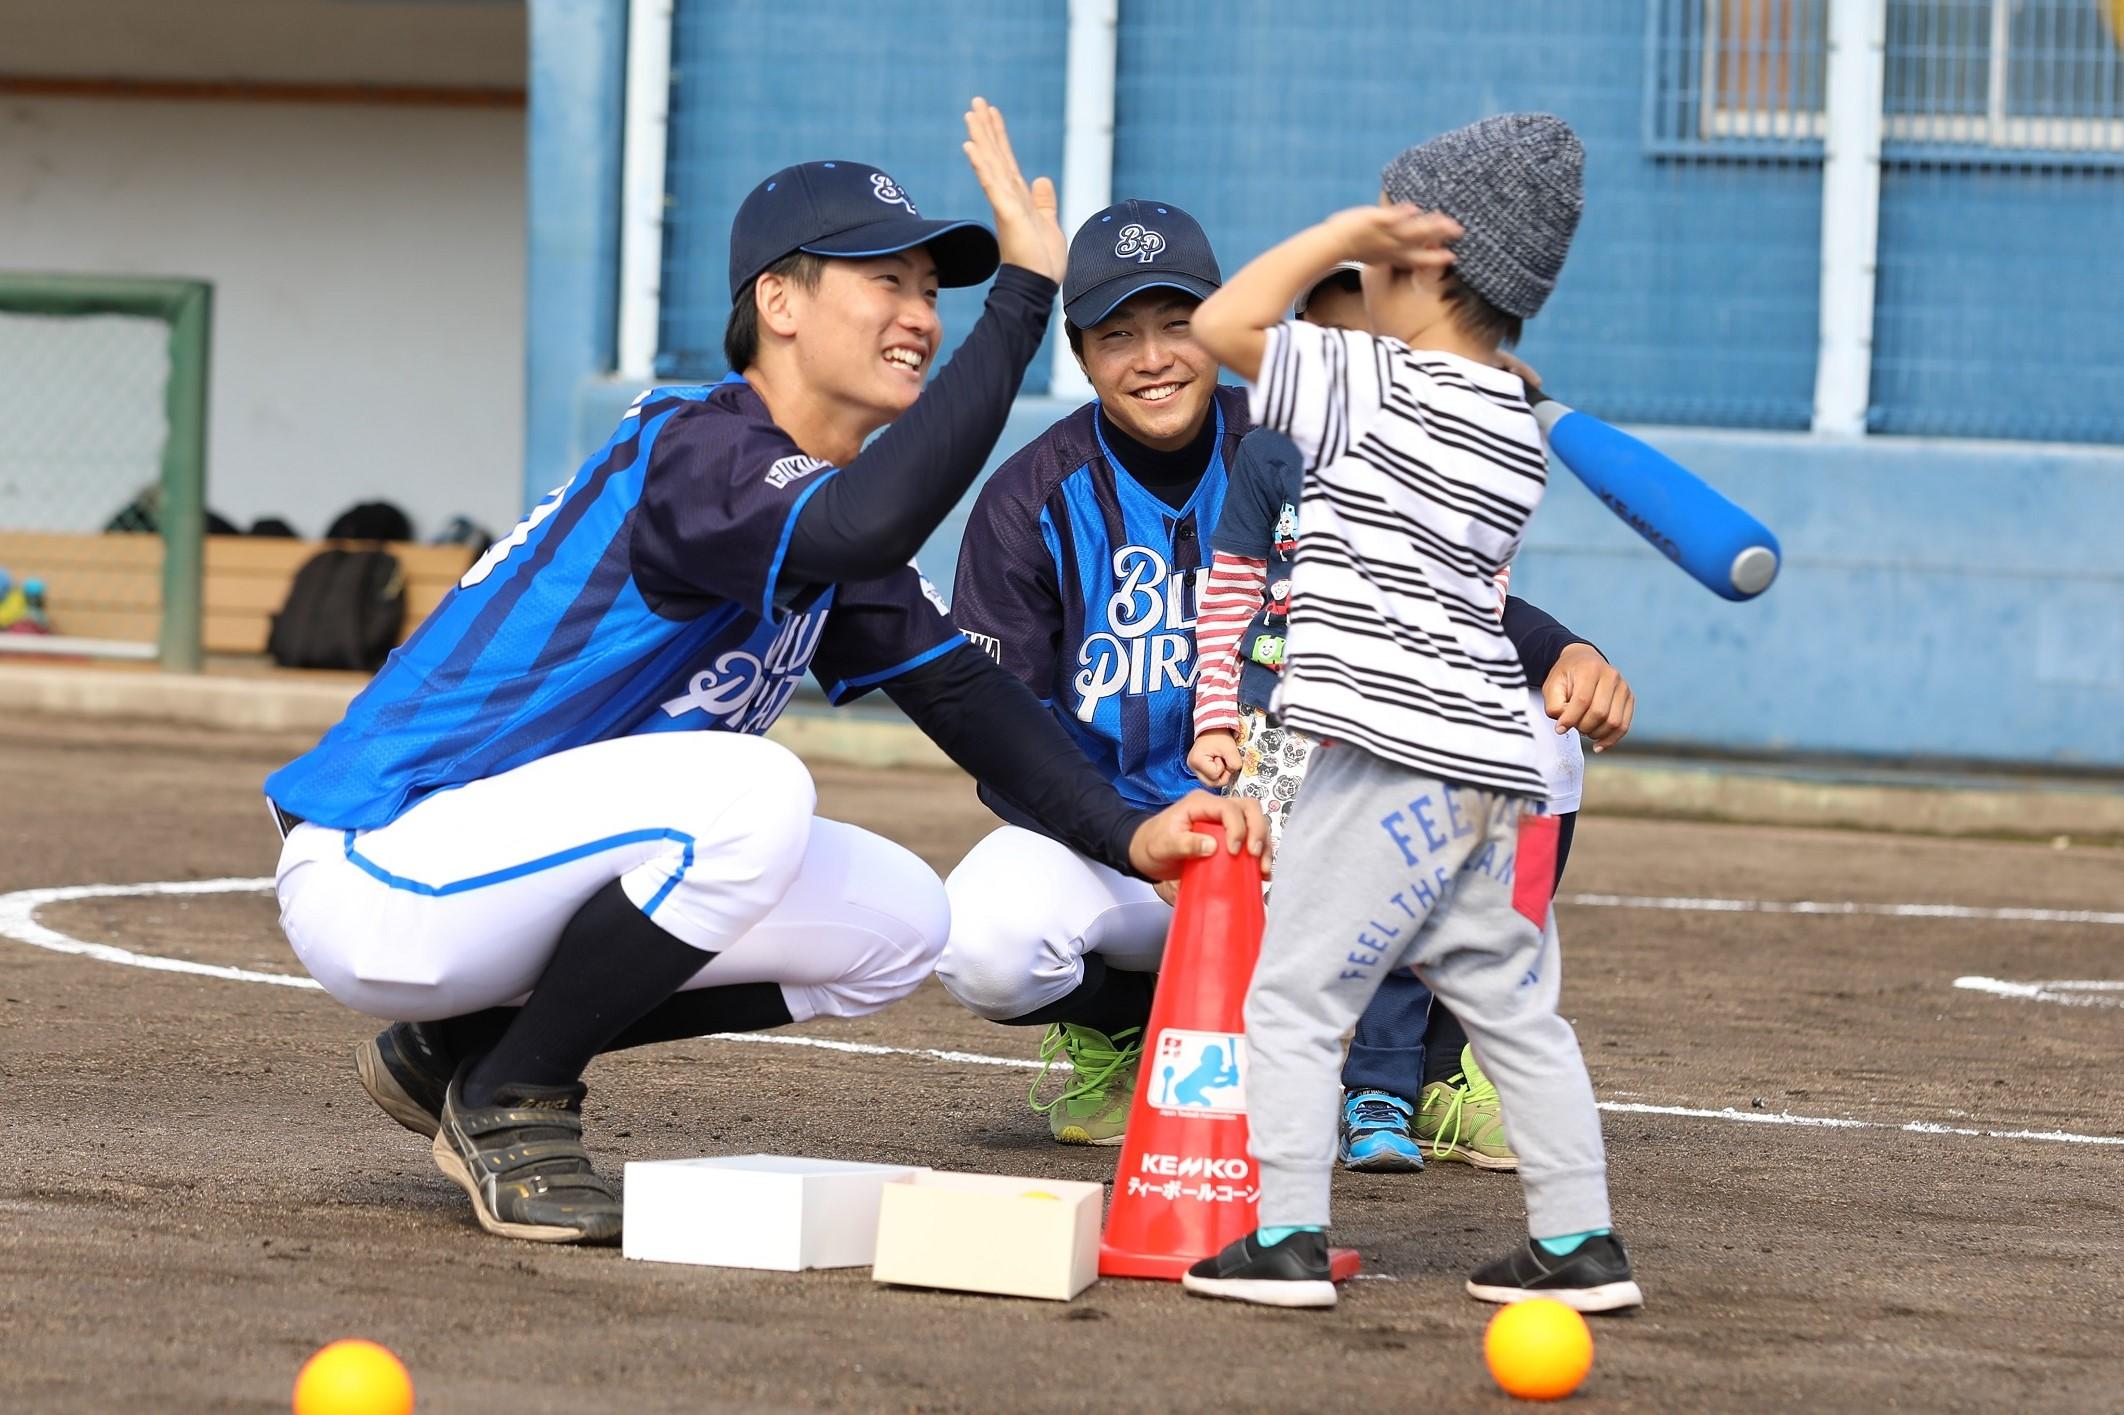 ツネイシブルーパイレーツ 保育園児に野球の魅力を伝えるティーボール教室を開催